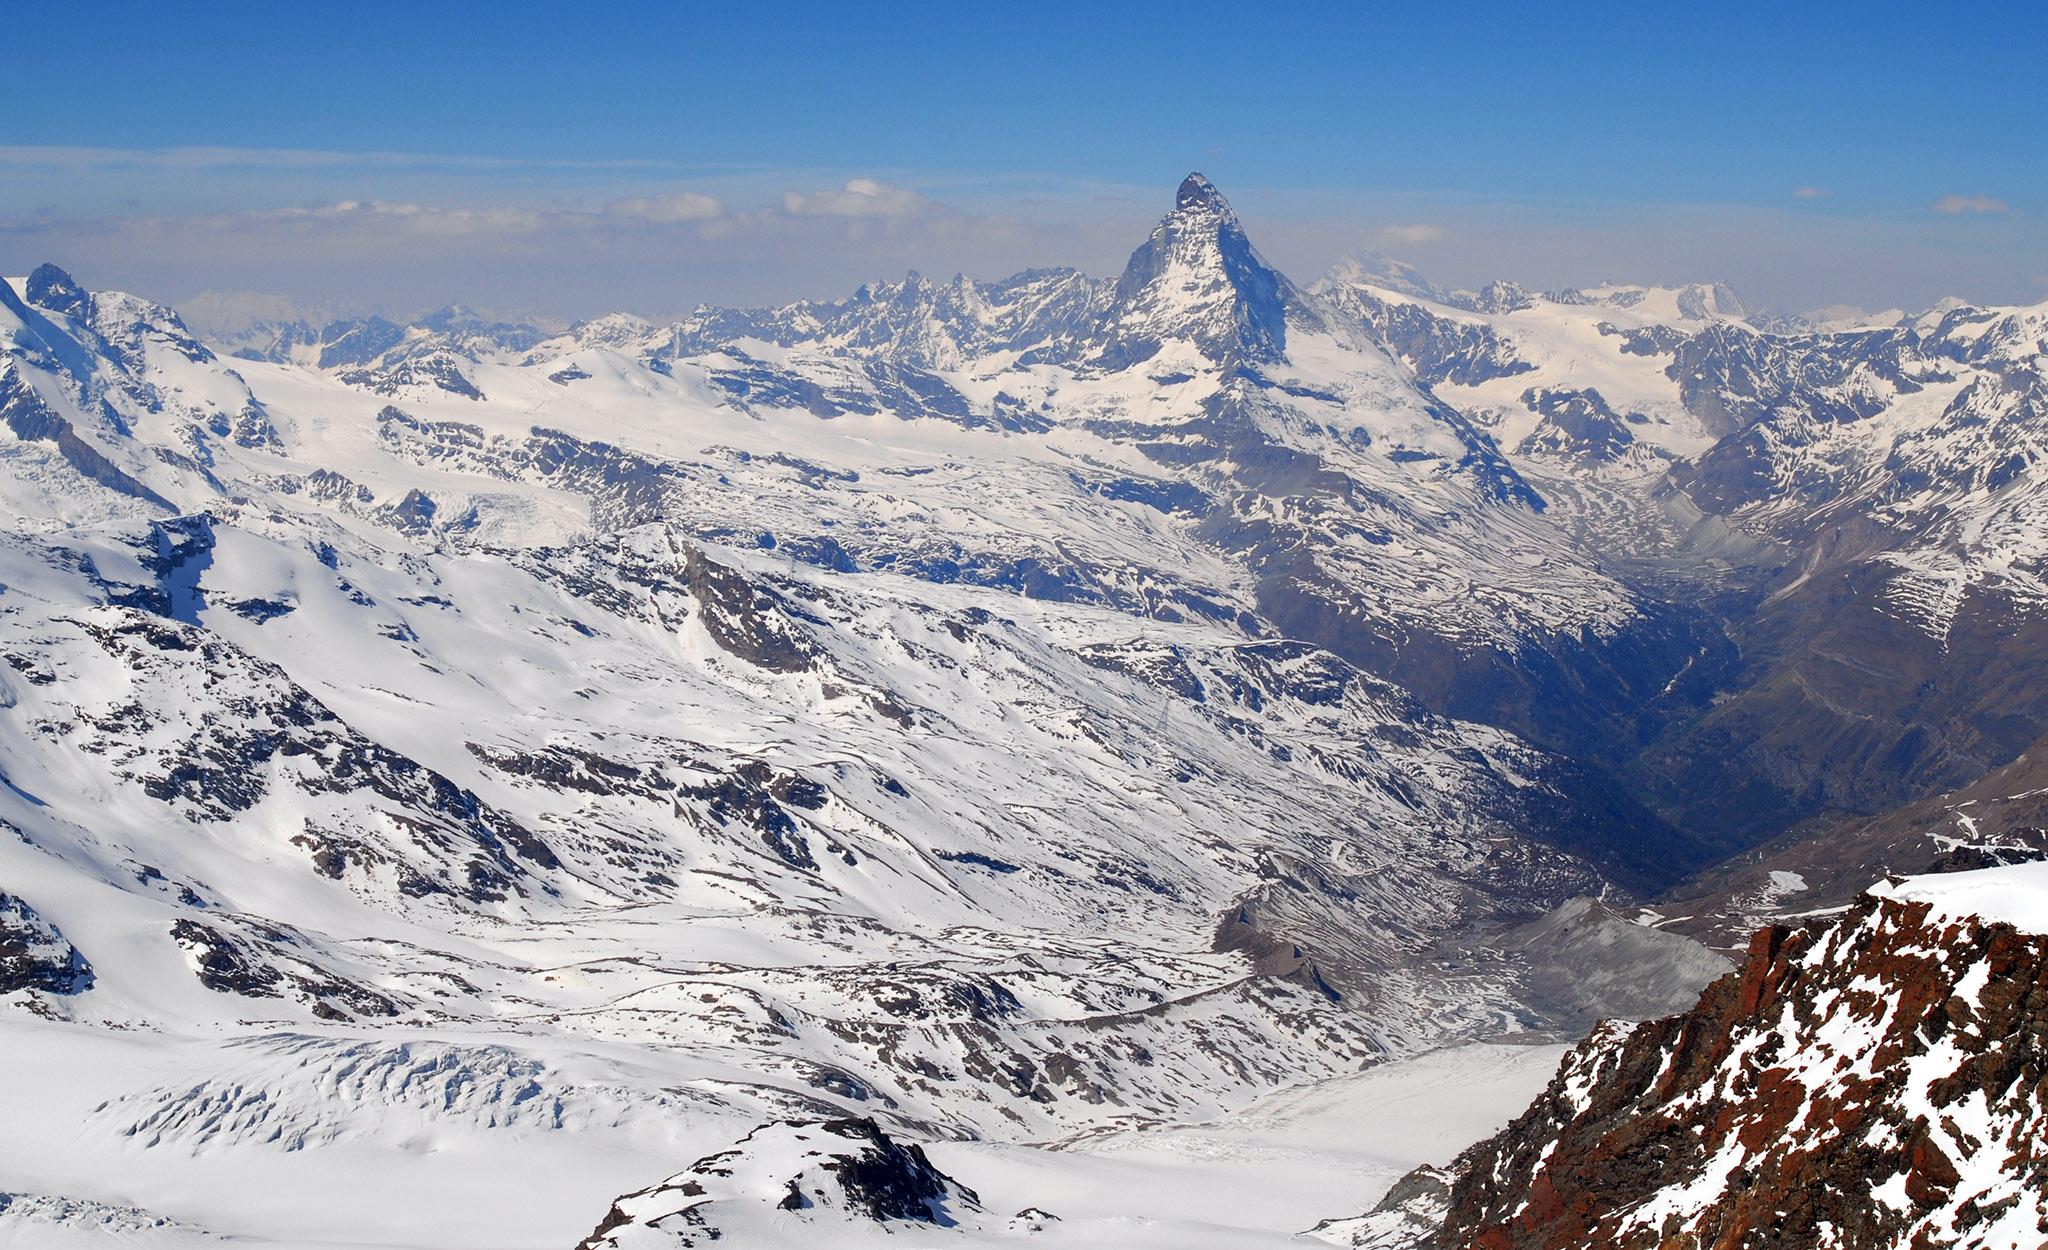 2007 / Strahlhorn, 4190m, view to Matterhorn/Zermatt